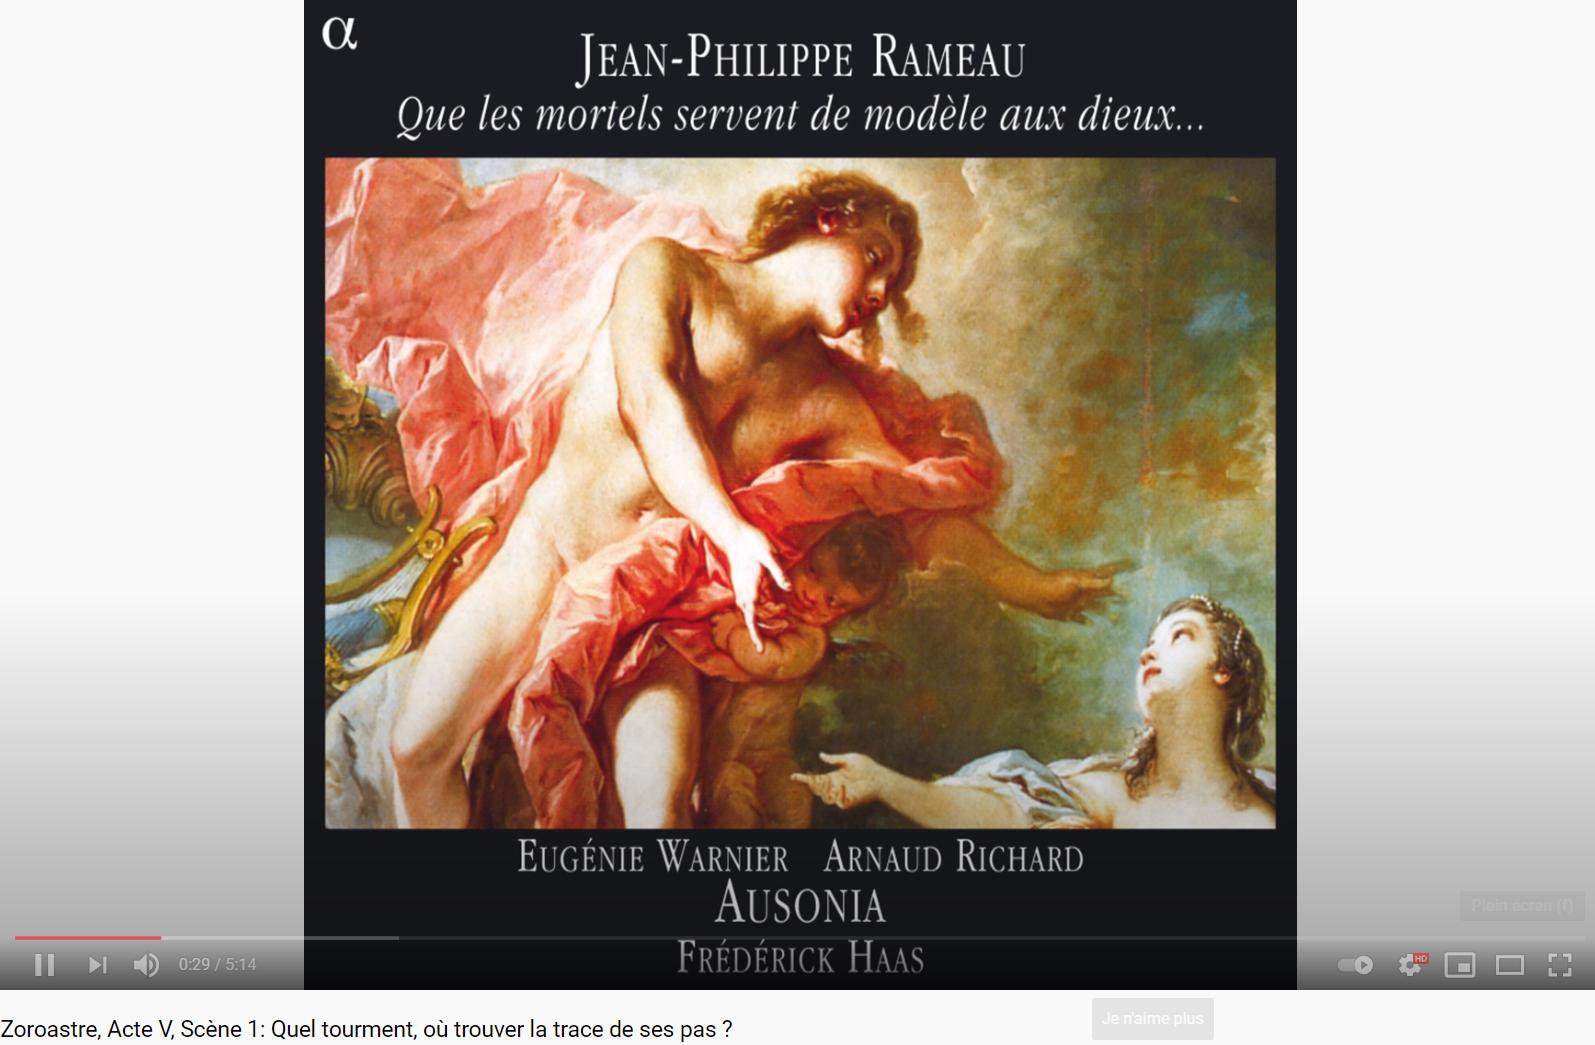 Rameau Zoroastre Quel tourment (Acte V)